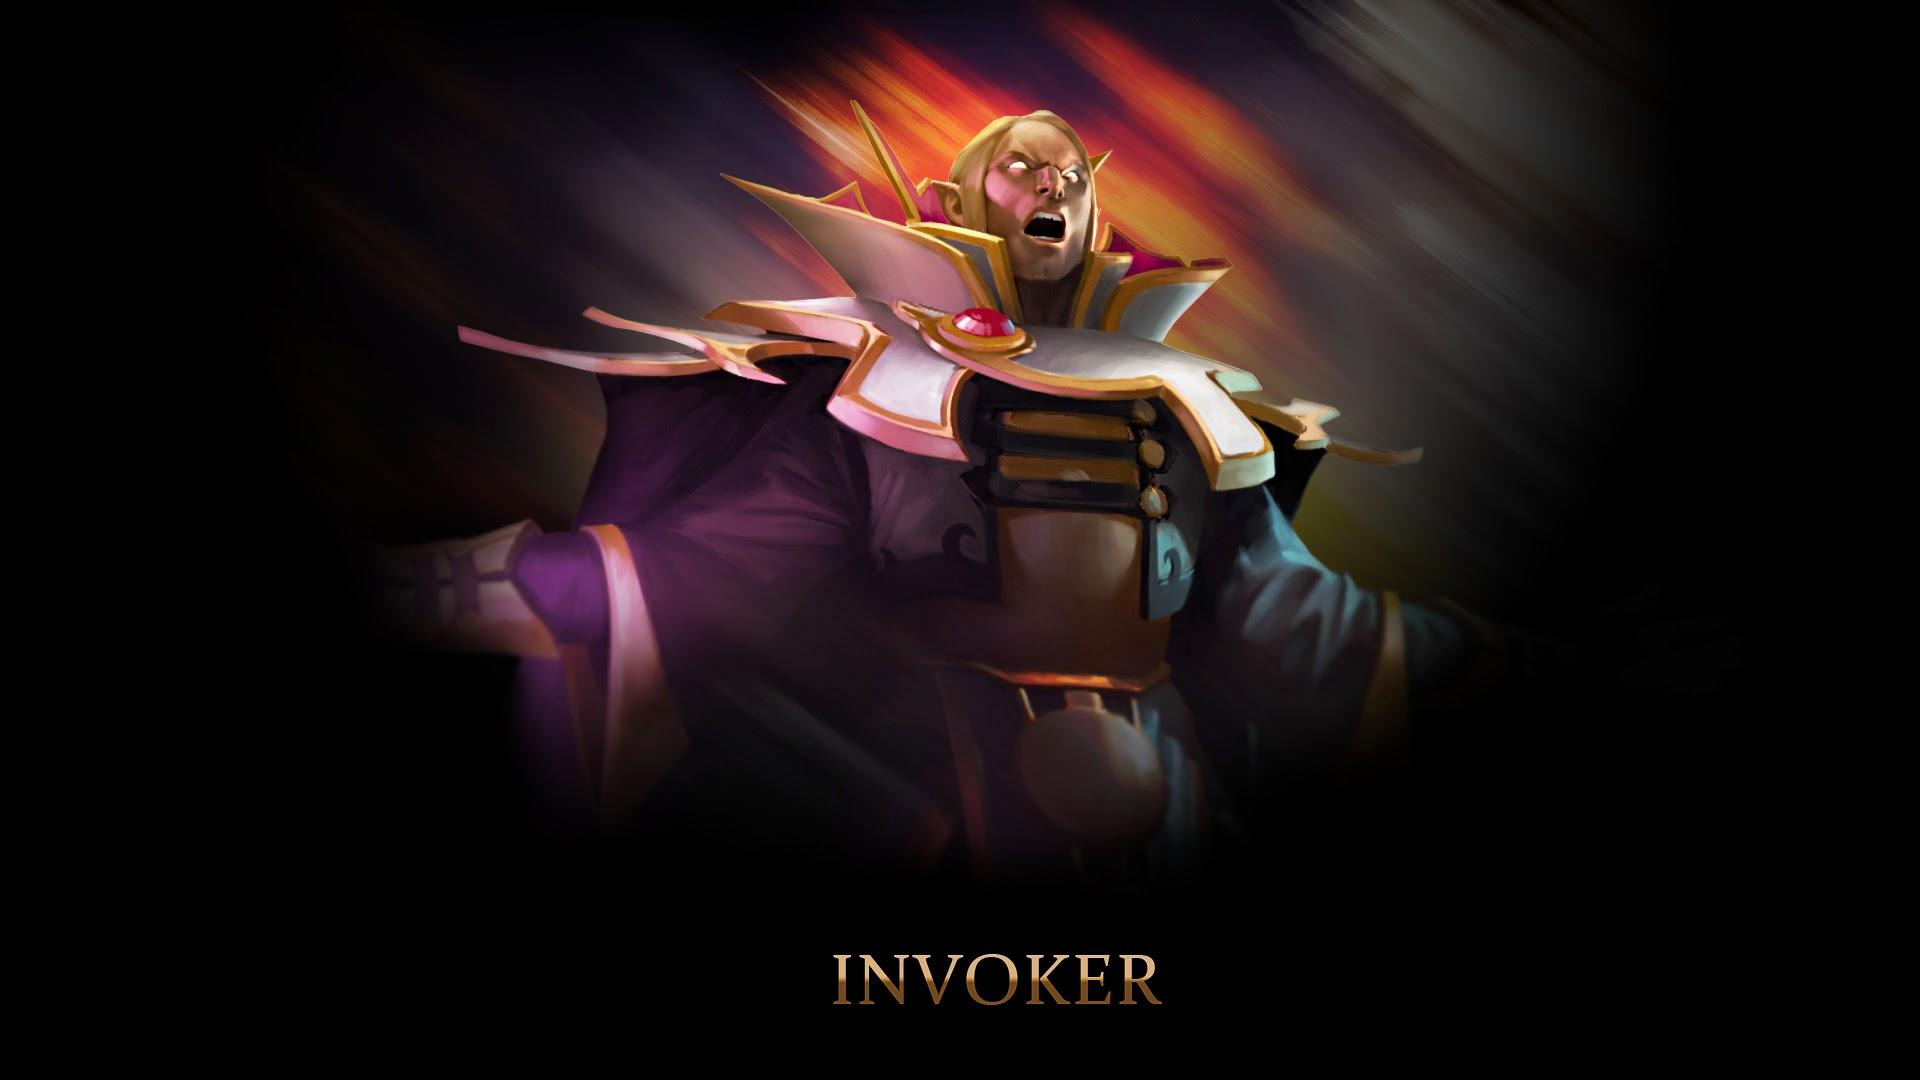 Invoker Dota 2 v5 Wallpaper HD